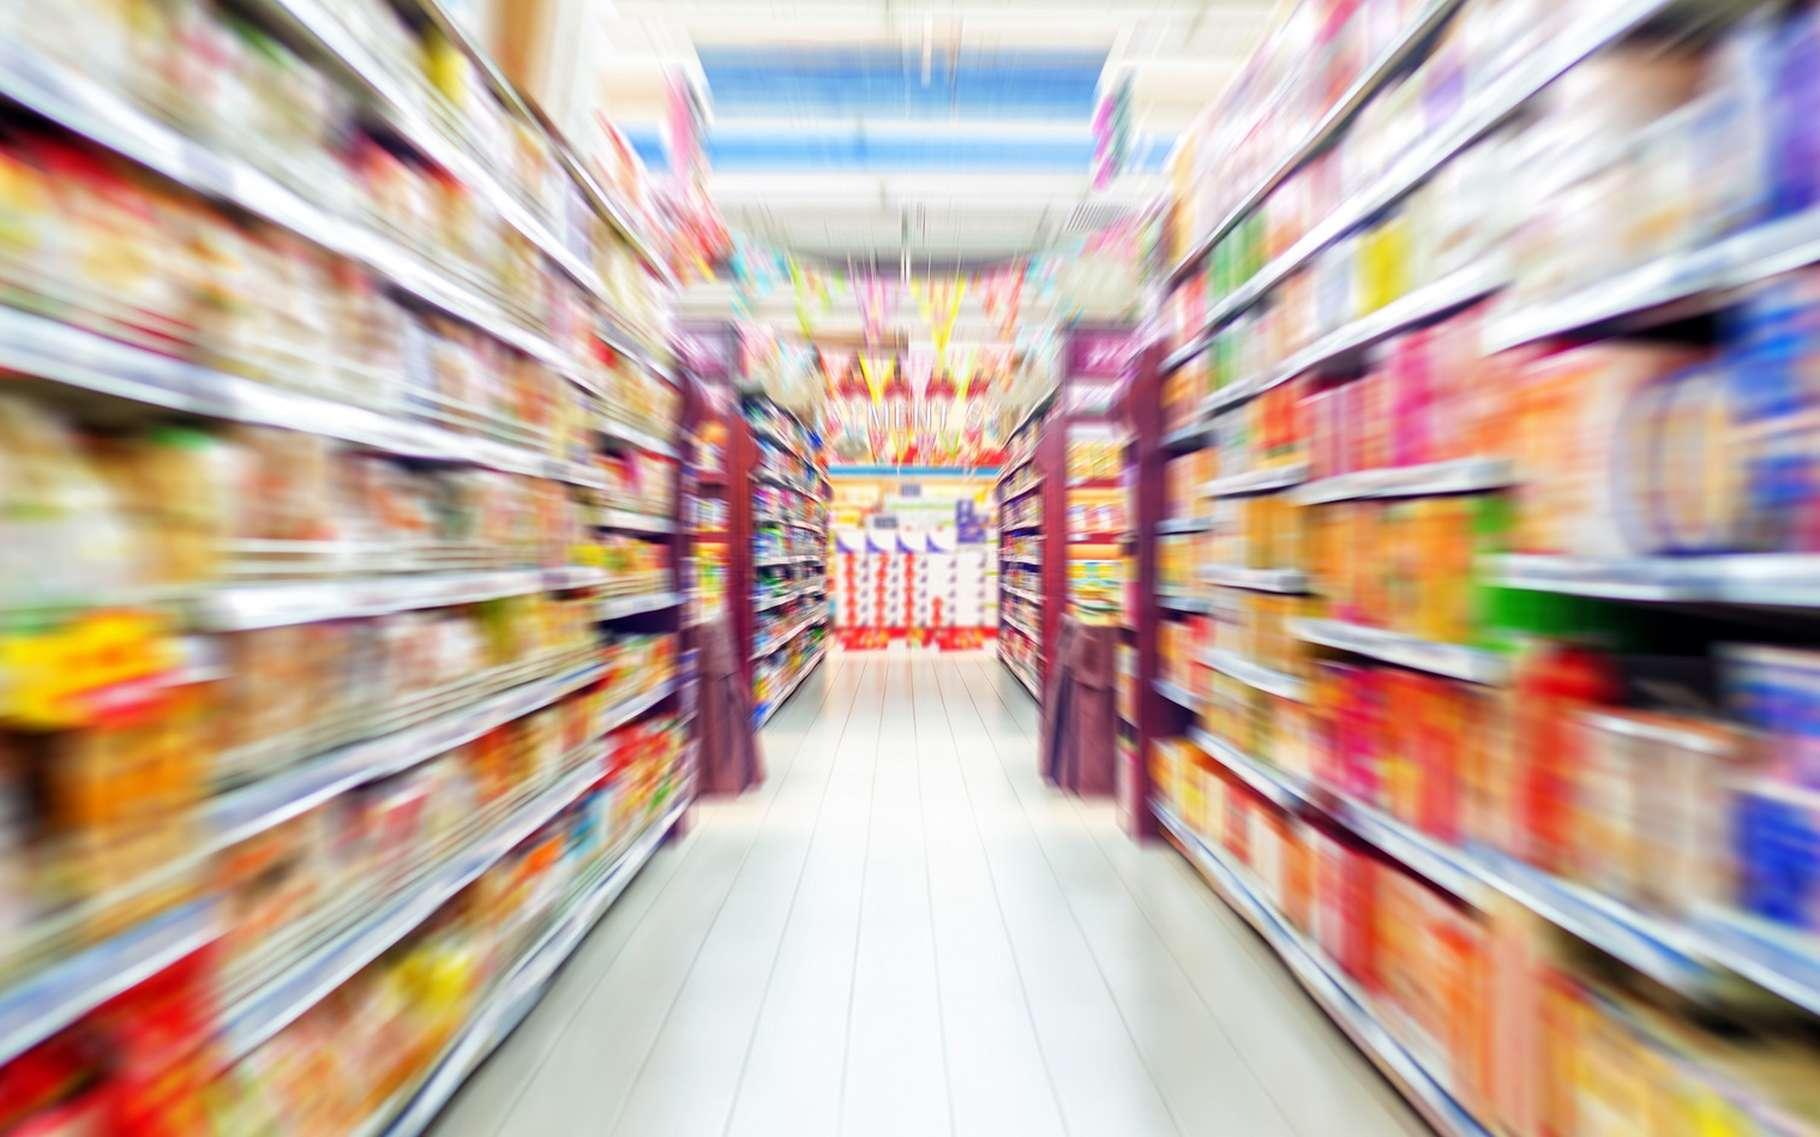 Mieux vaut éviter certains rayons des supermarchés pour ne pas être tenté. © gyn9037, Shutterstock